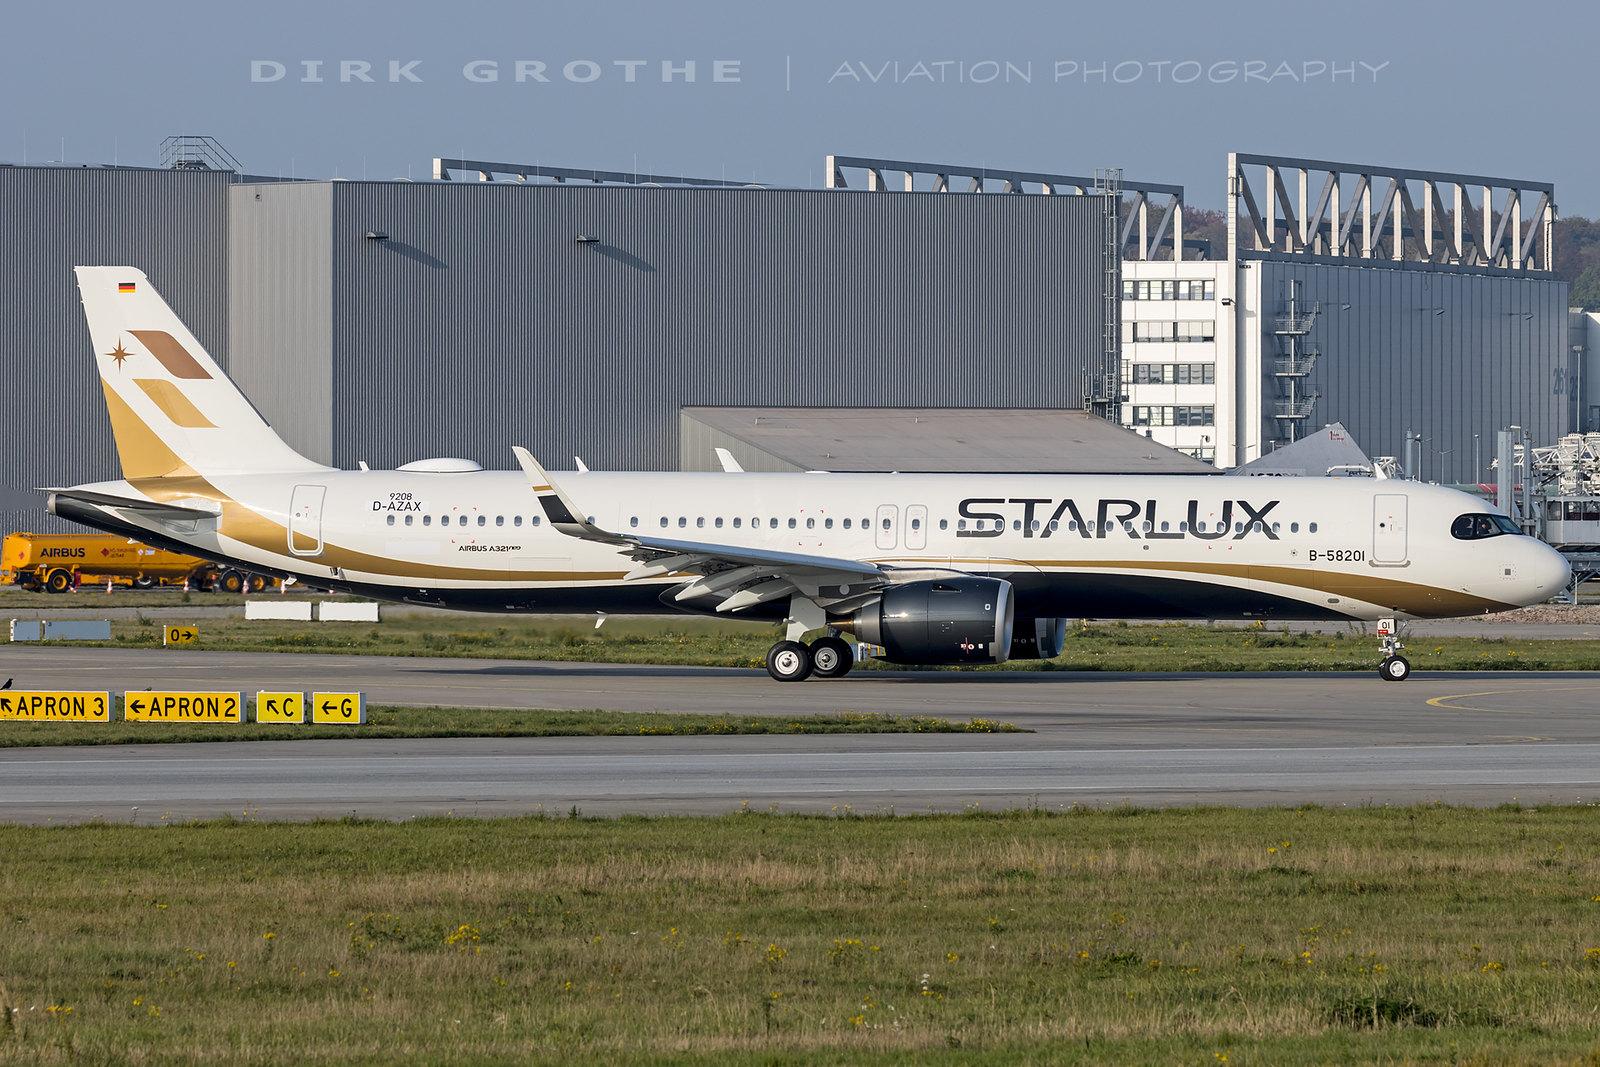 Starlux_A321neo_B-58201_20191023_XFW-2